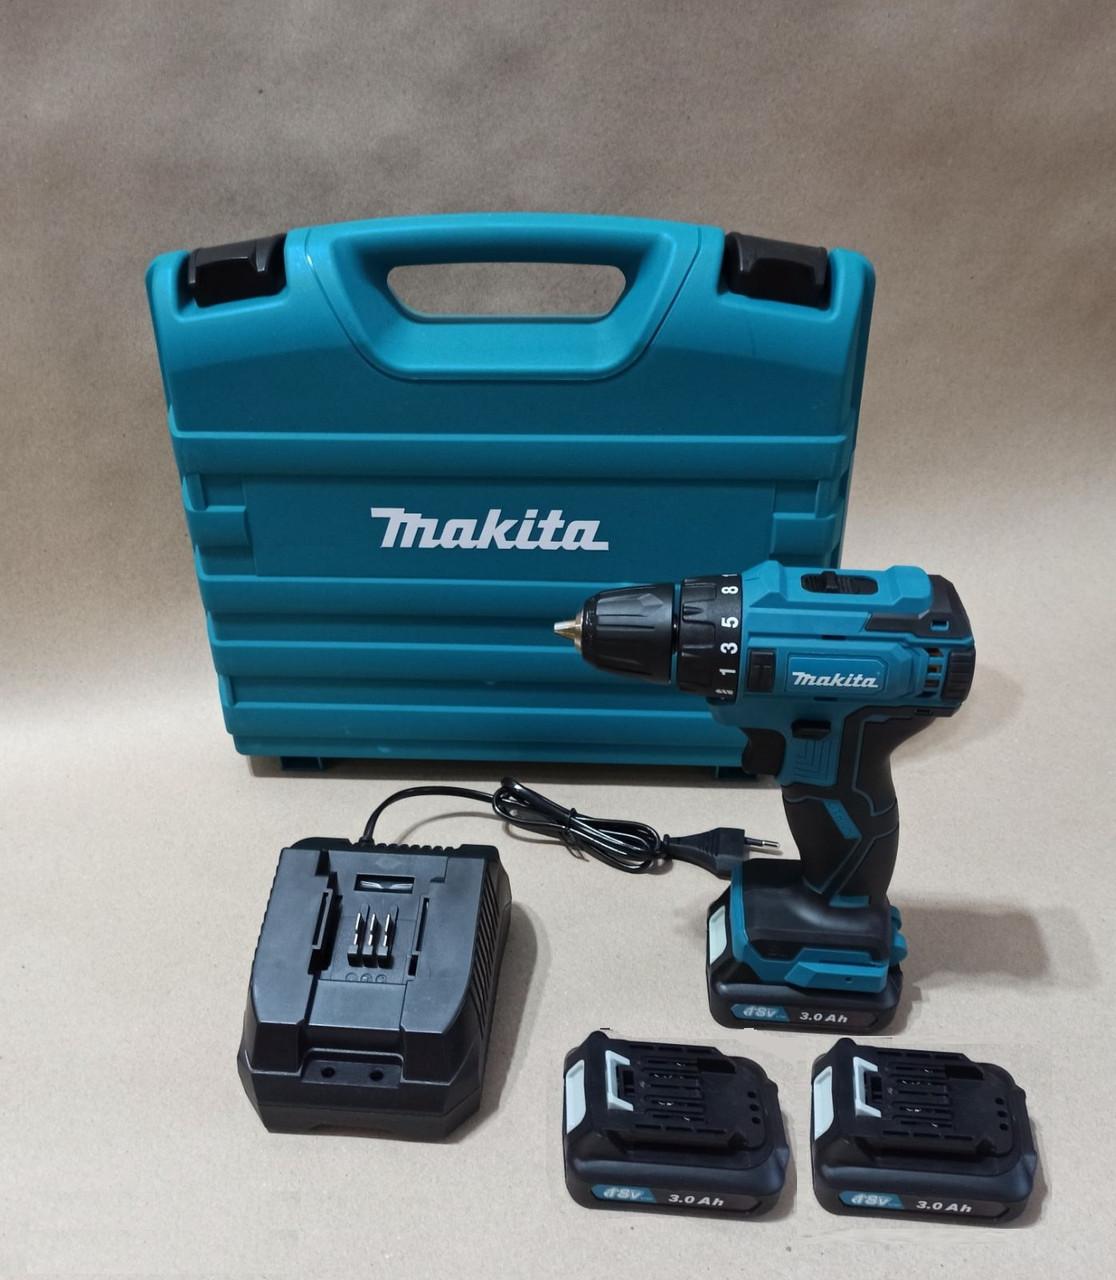 🔹3 батареи 18V/3A Li-ion  🔹Шуруповерт Makita DF 332 brushless (бесщеточный двигатель)